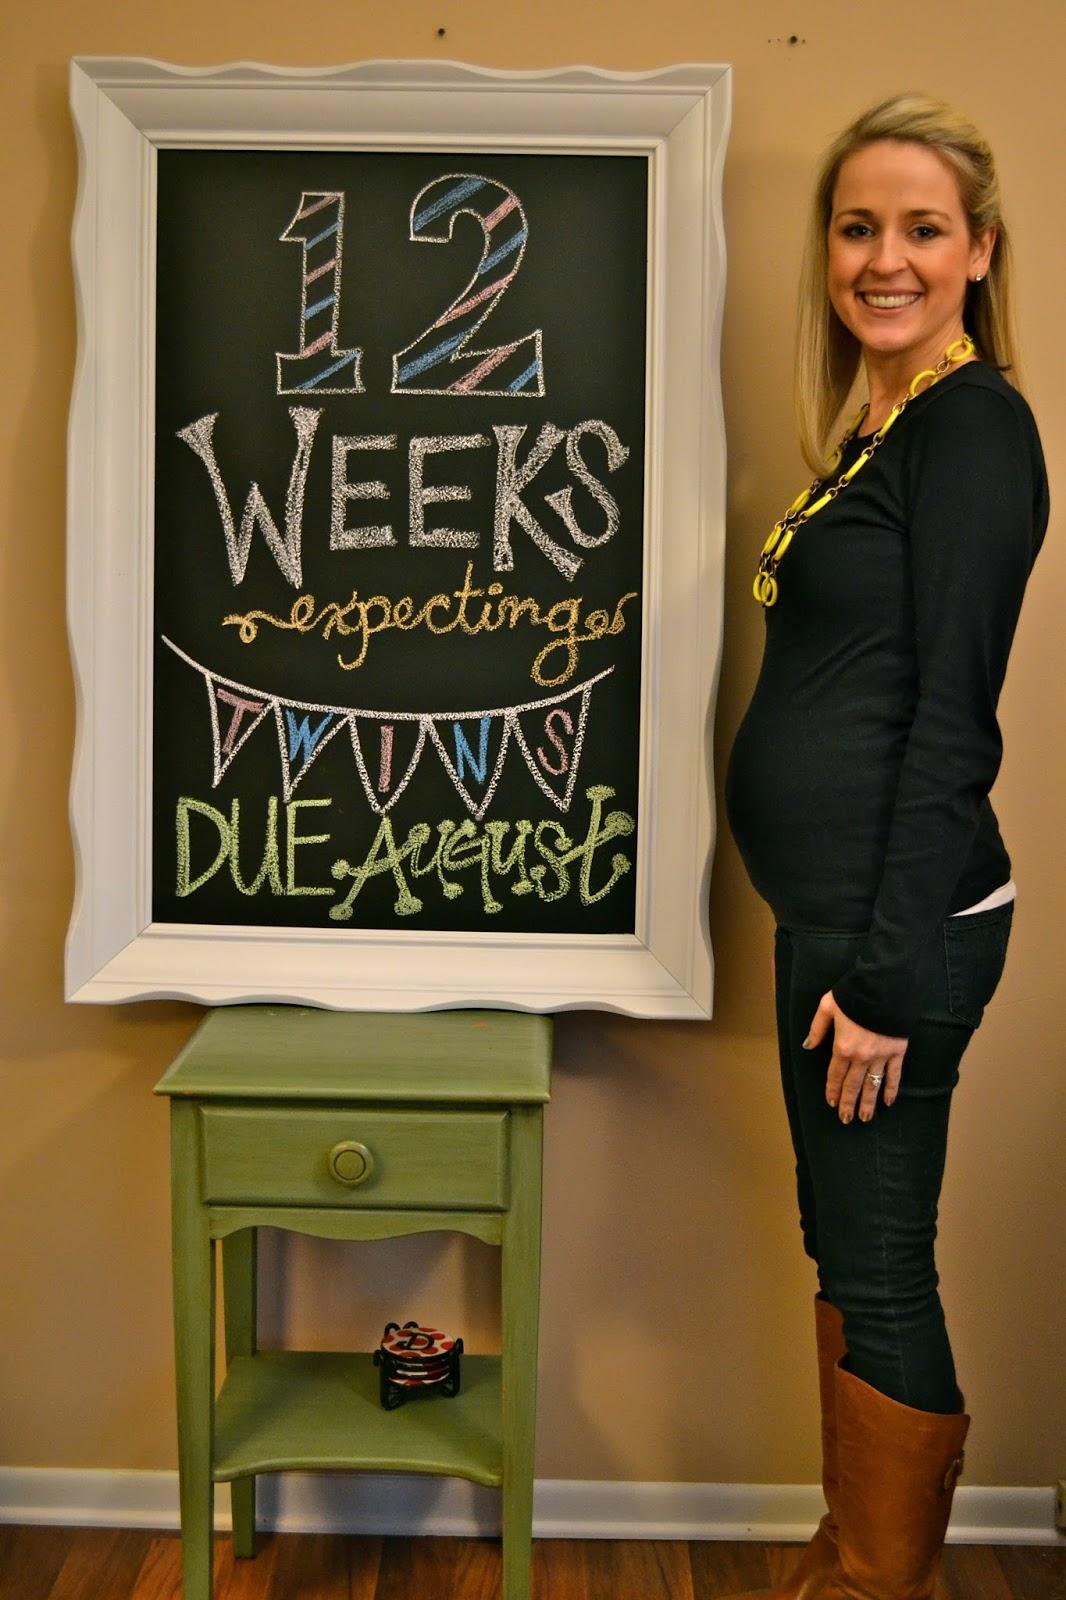 19 weeks pregnant milf creampied 10